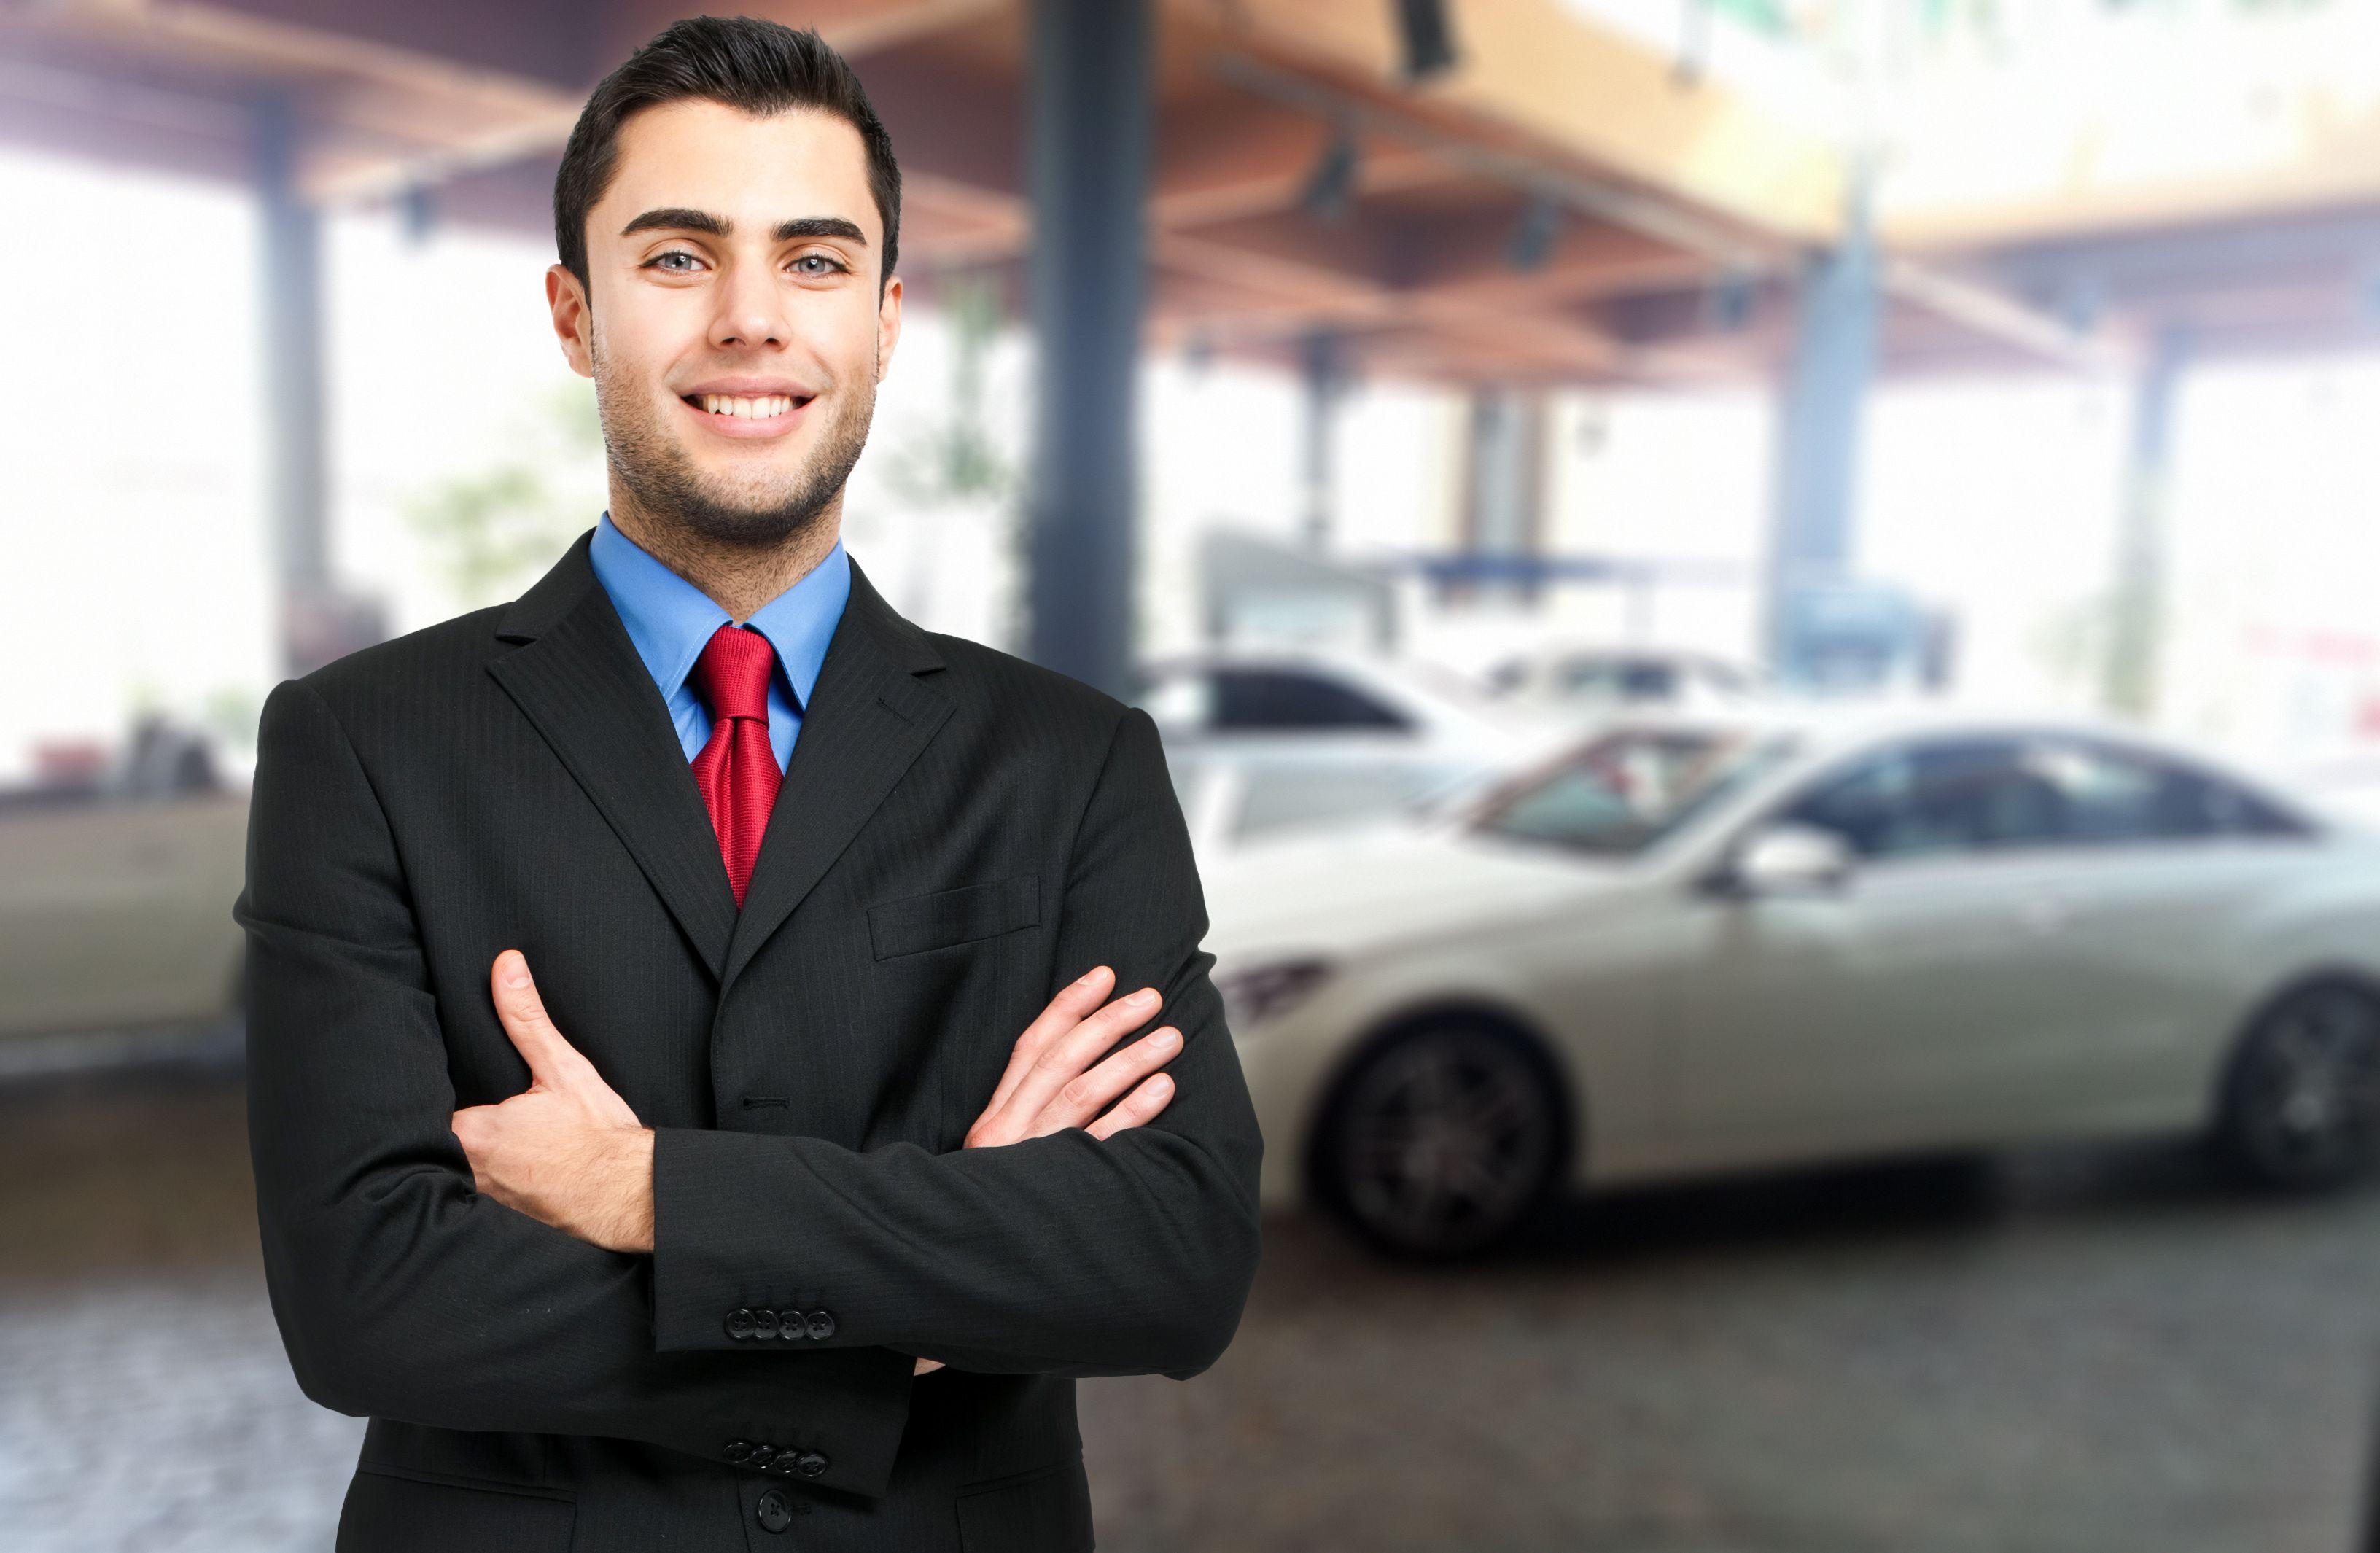 Çalışanların favorisi otomobil ve özel sağlık sigortası